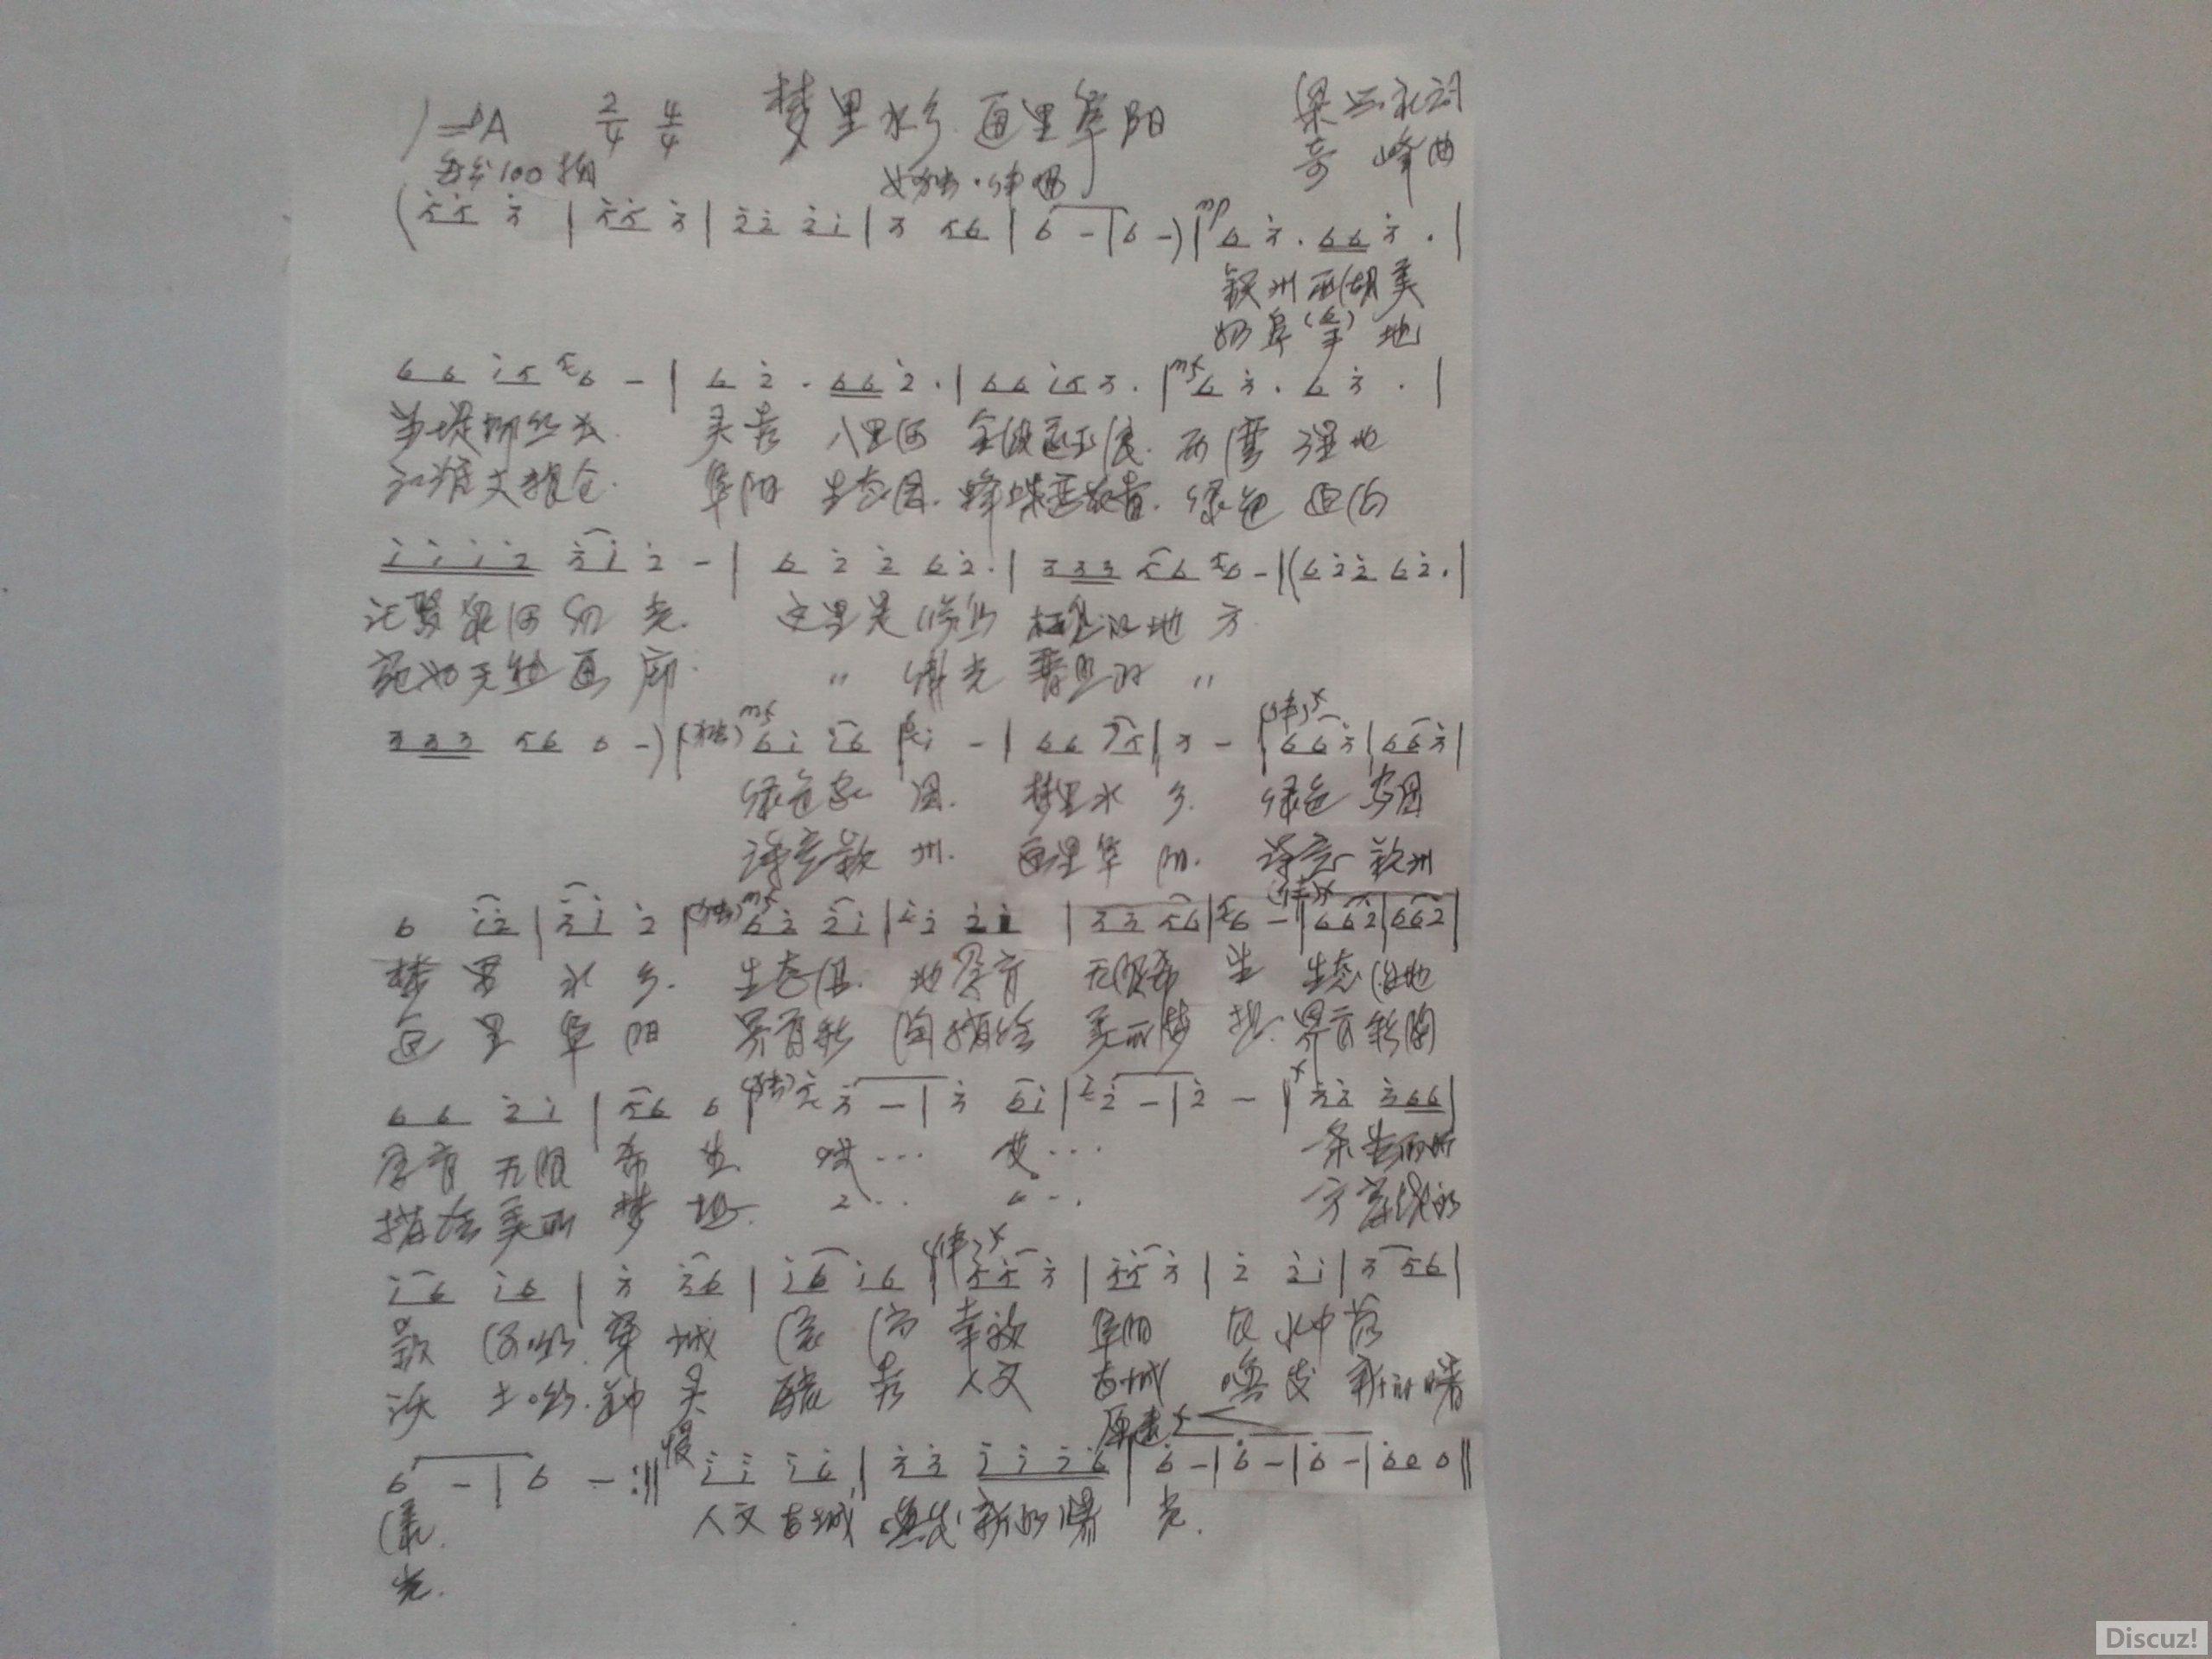 原创音乐曲谱-《梦里水乡,画里阳》梁兴礼词奇峰曲